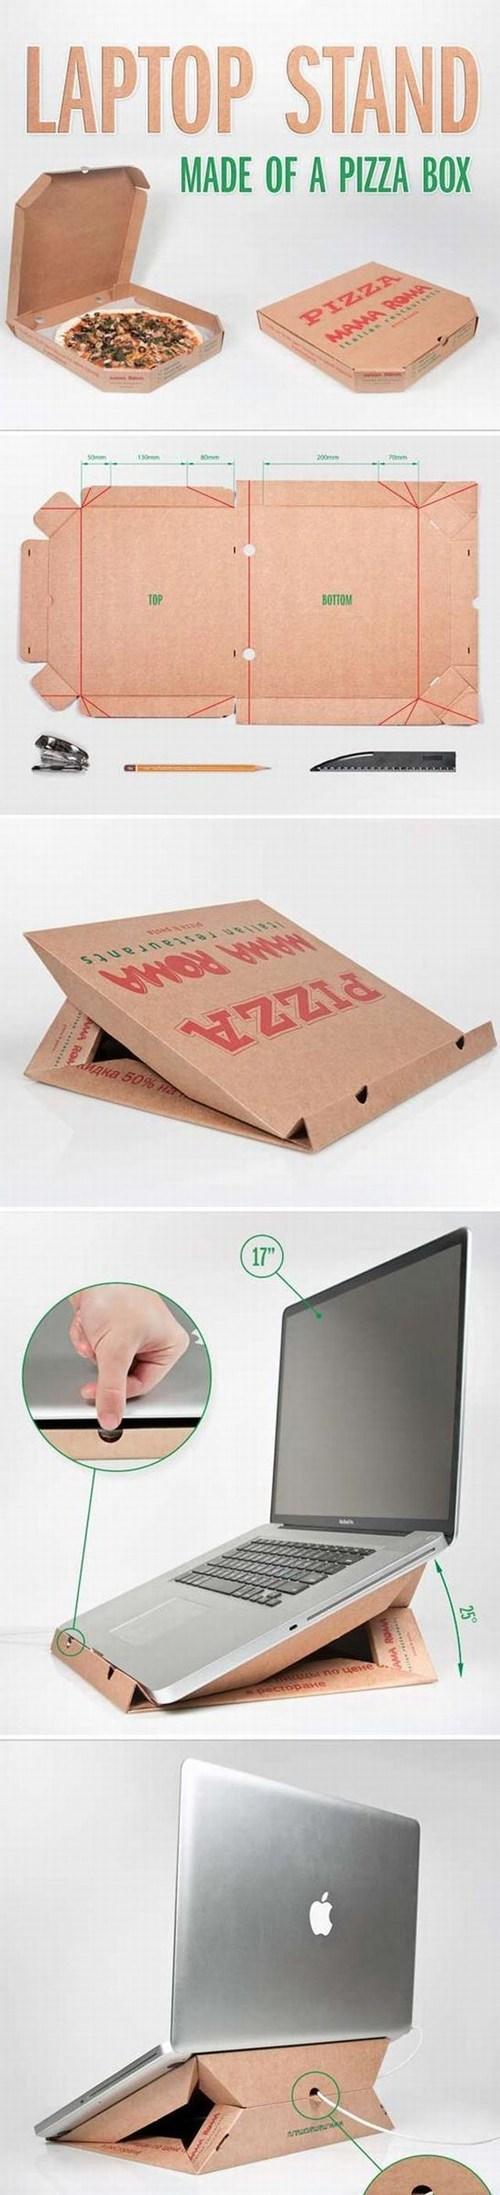 laptops pizza boxes DIY - 7150998272